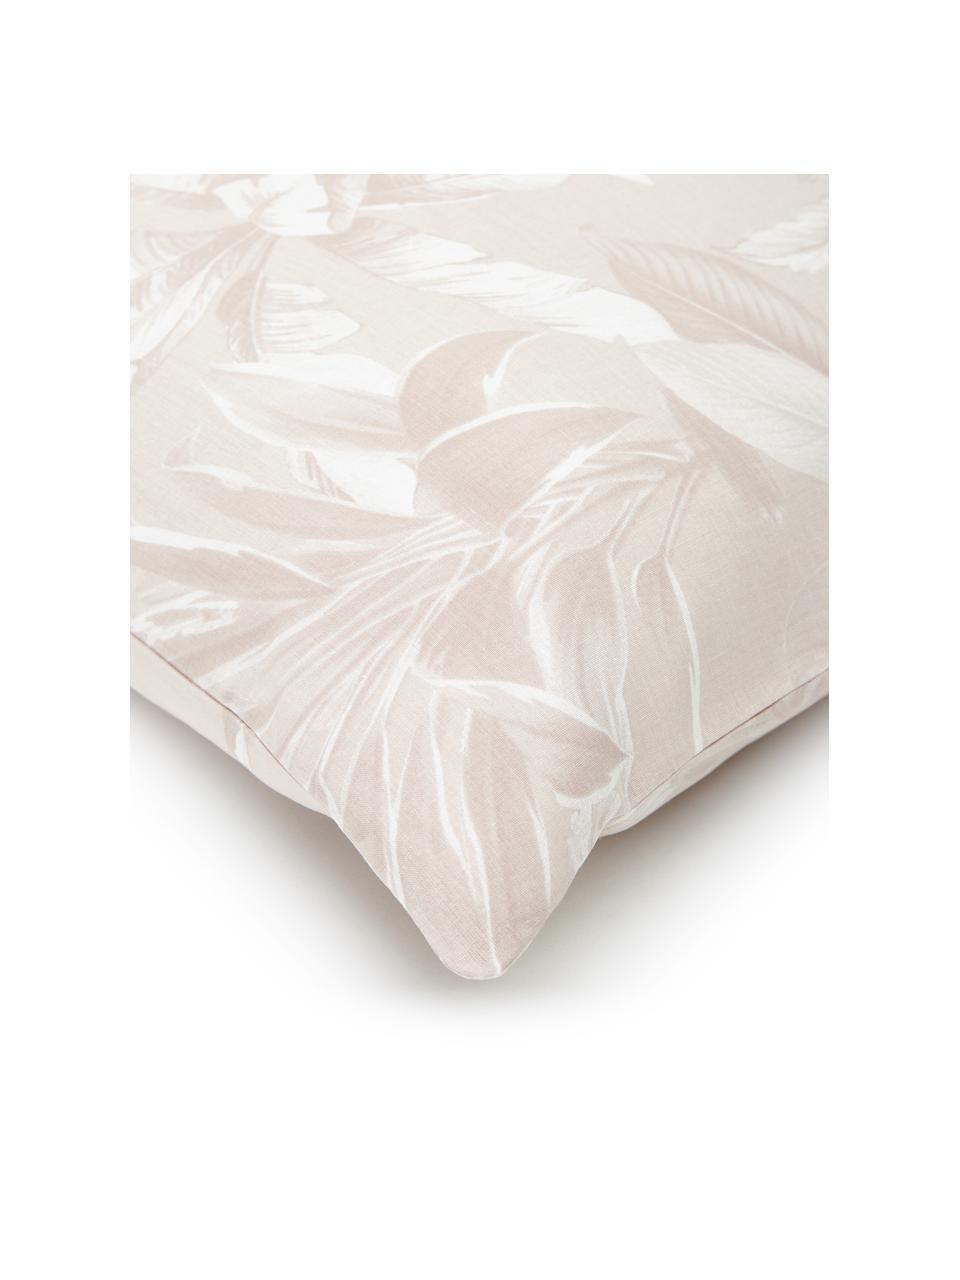 Baumwoll-Bettwäsche Shanida in Rosa/Cremeweiß, Webart: Renforcé Fadendichte 144 , Rosa, 135 x 200 cm + 1 Kissen